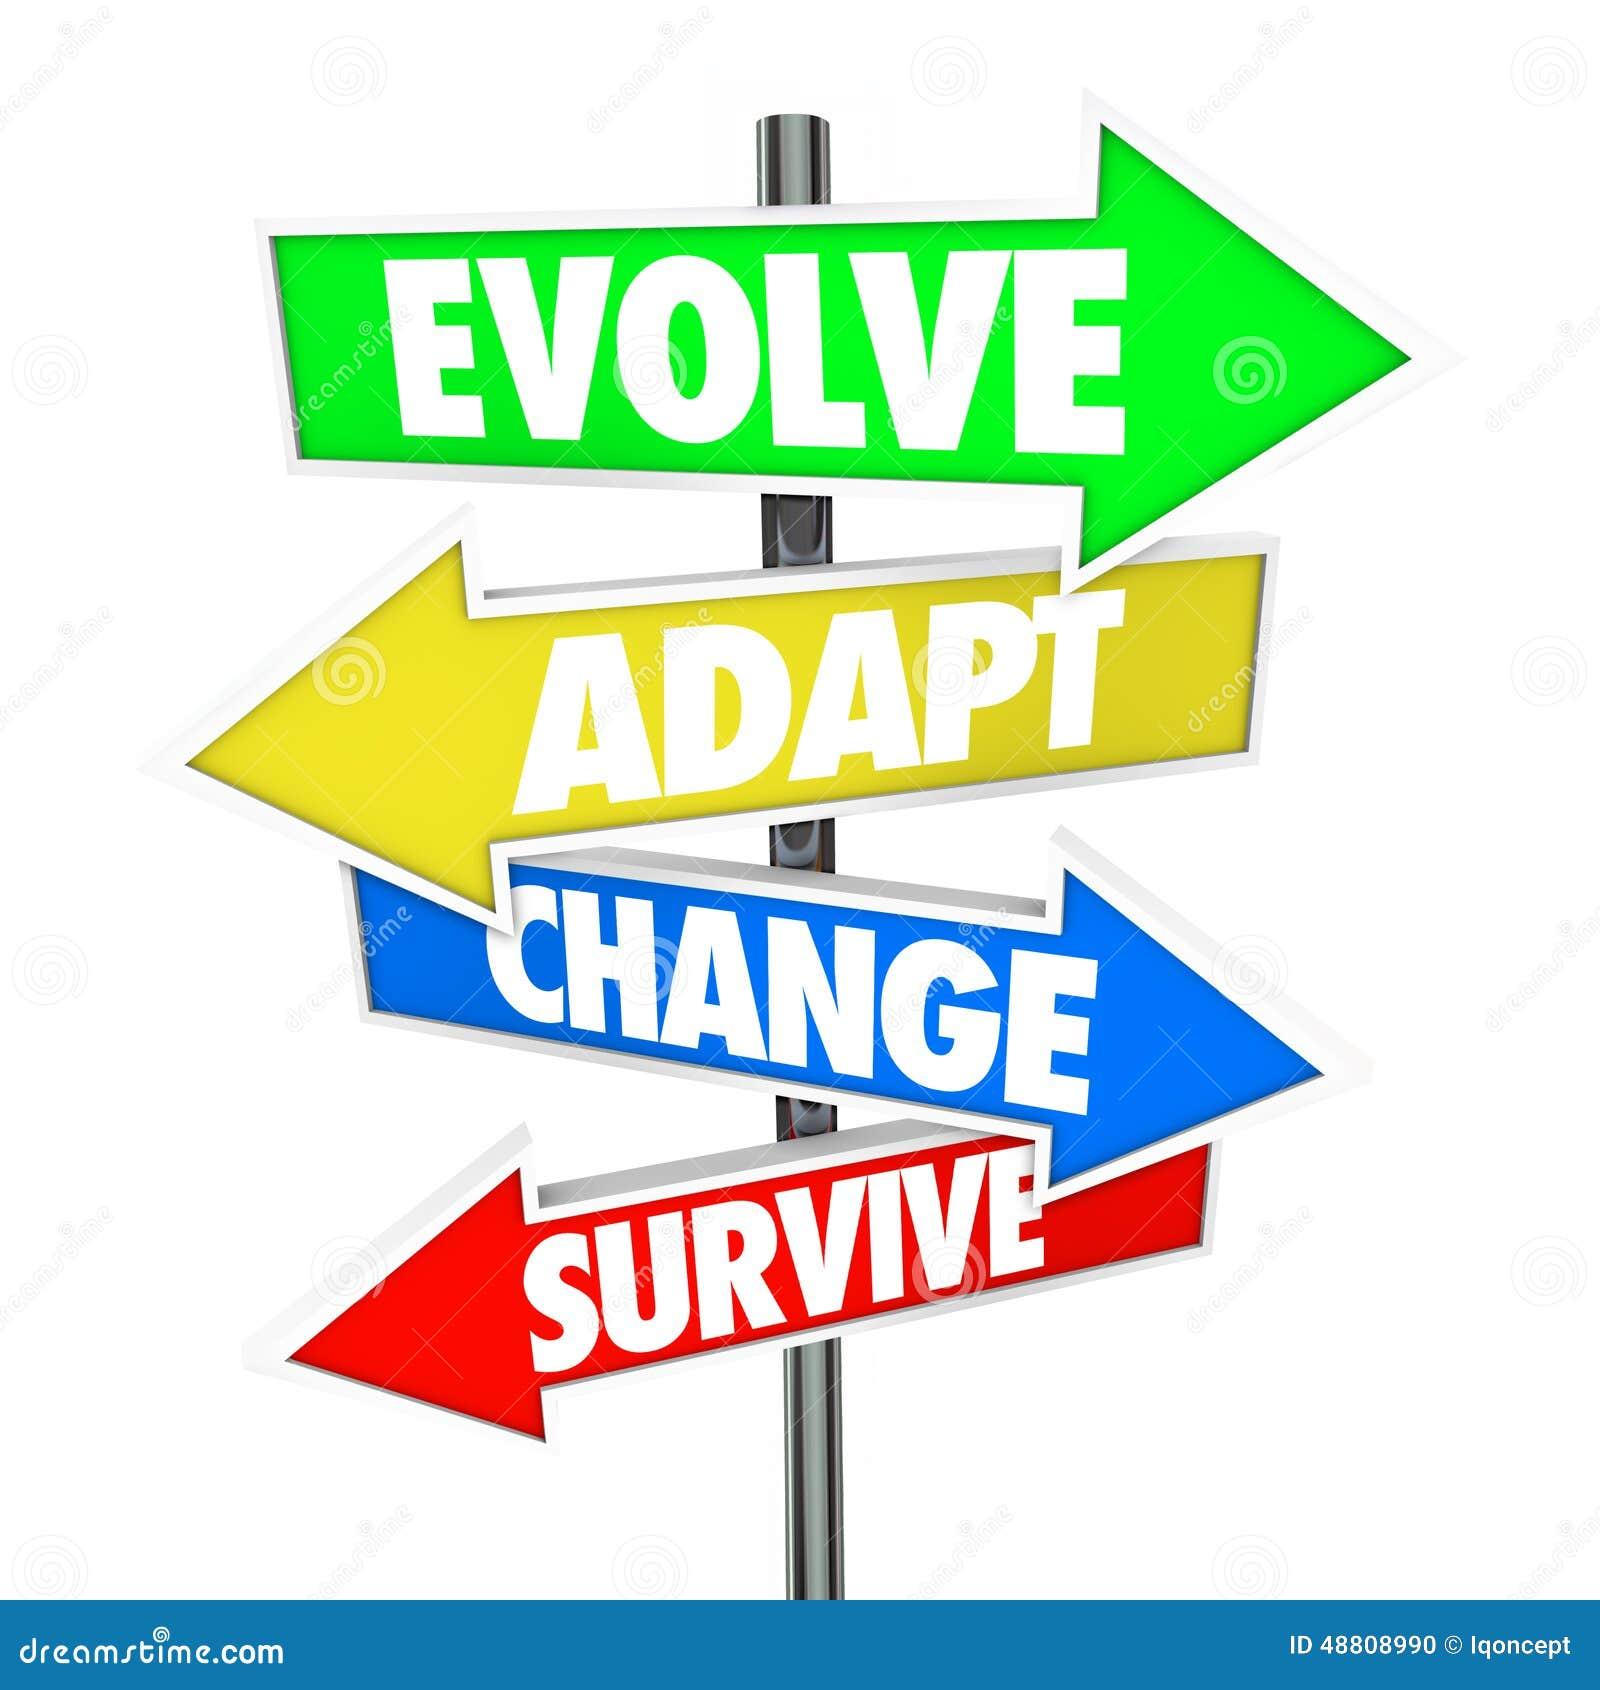 Desarróllese adaptan el cambio sobreviven el autobús de la adaptación de la evolución de las muestras de la flecha